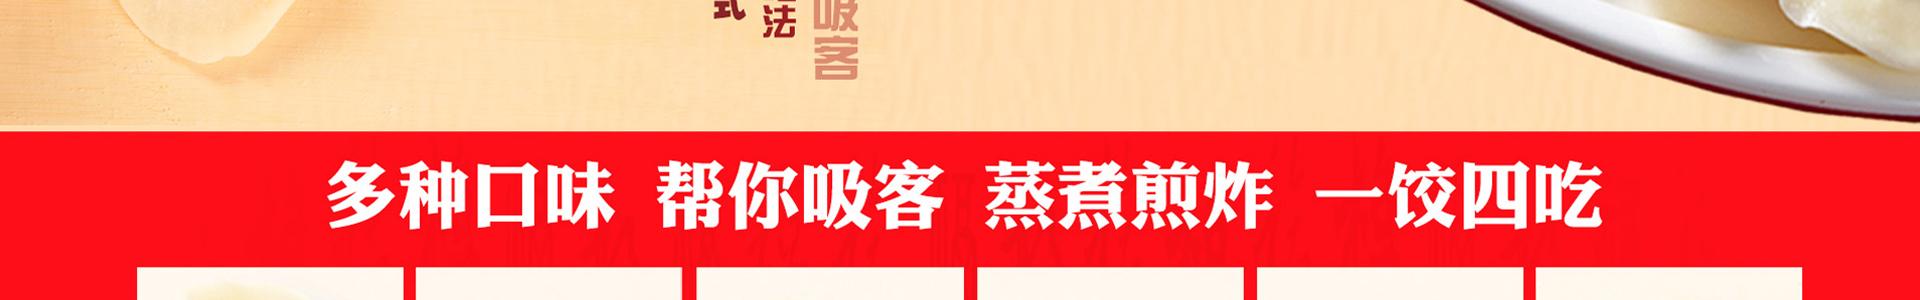 喜妙福水餃xmf_07